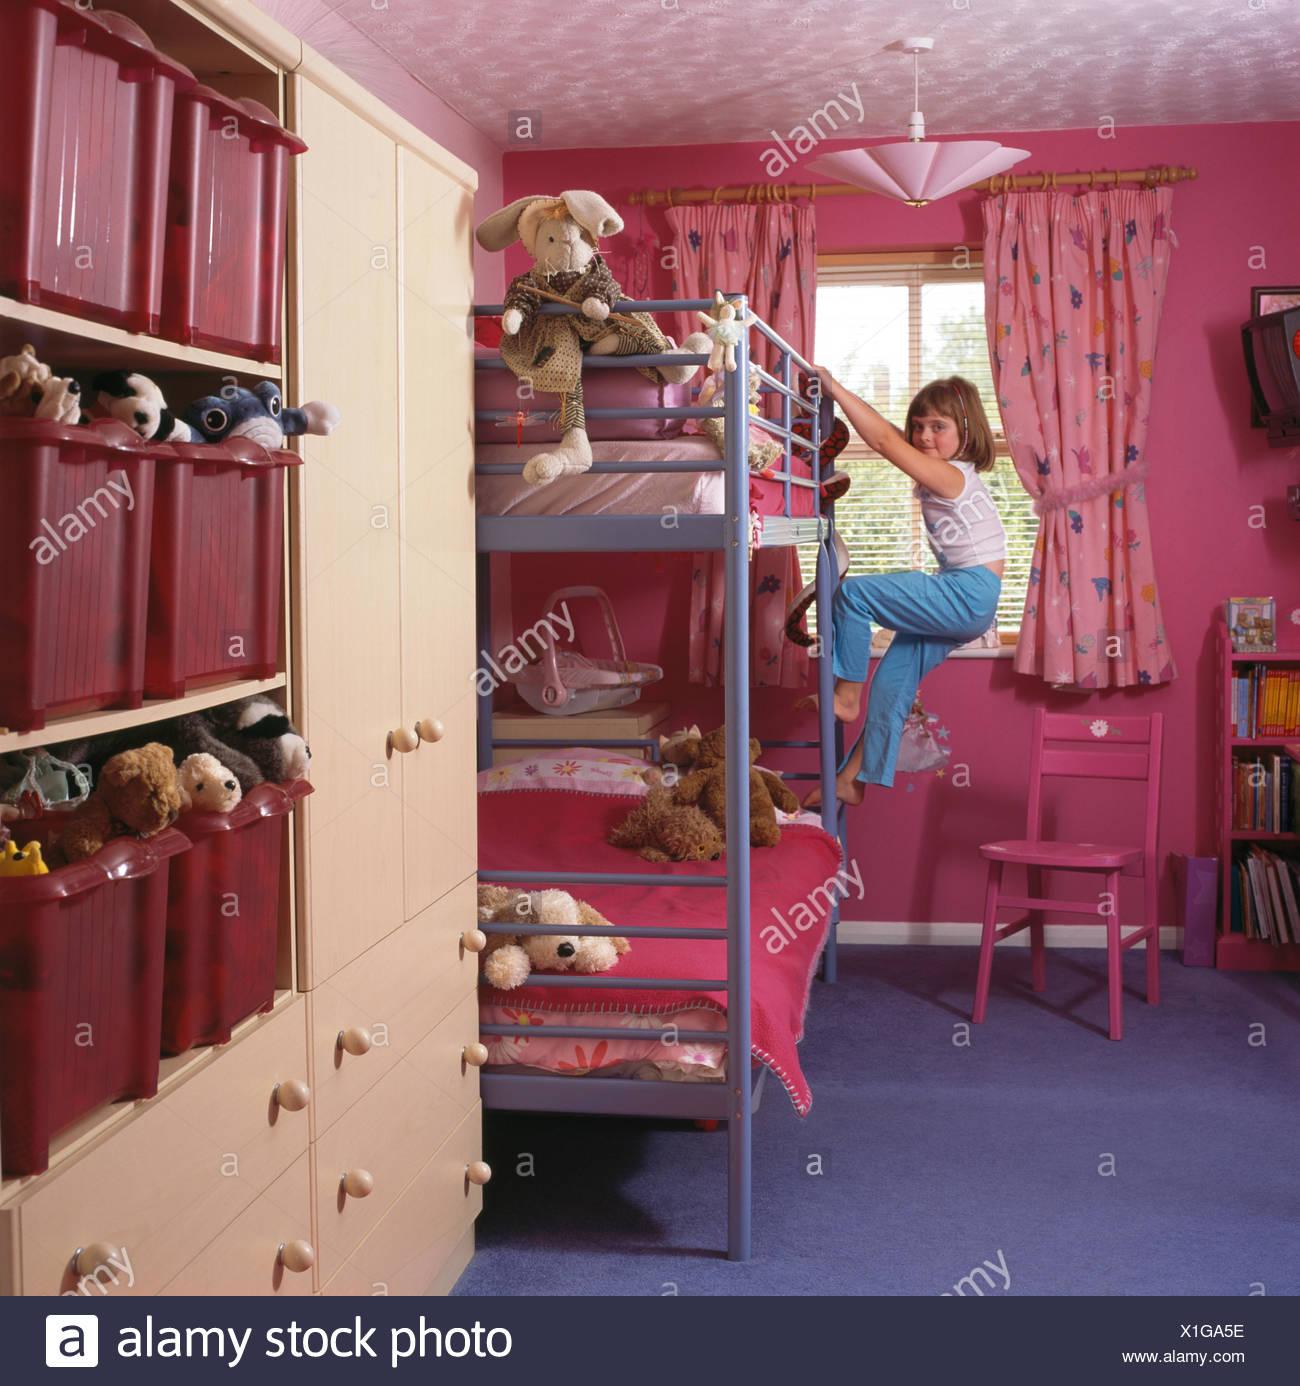 kleine mädchen klettern auf etagenbett im kinderzimmer rosa